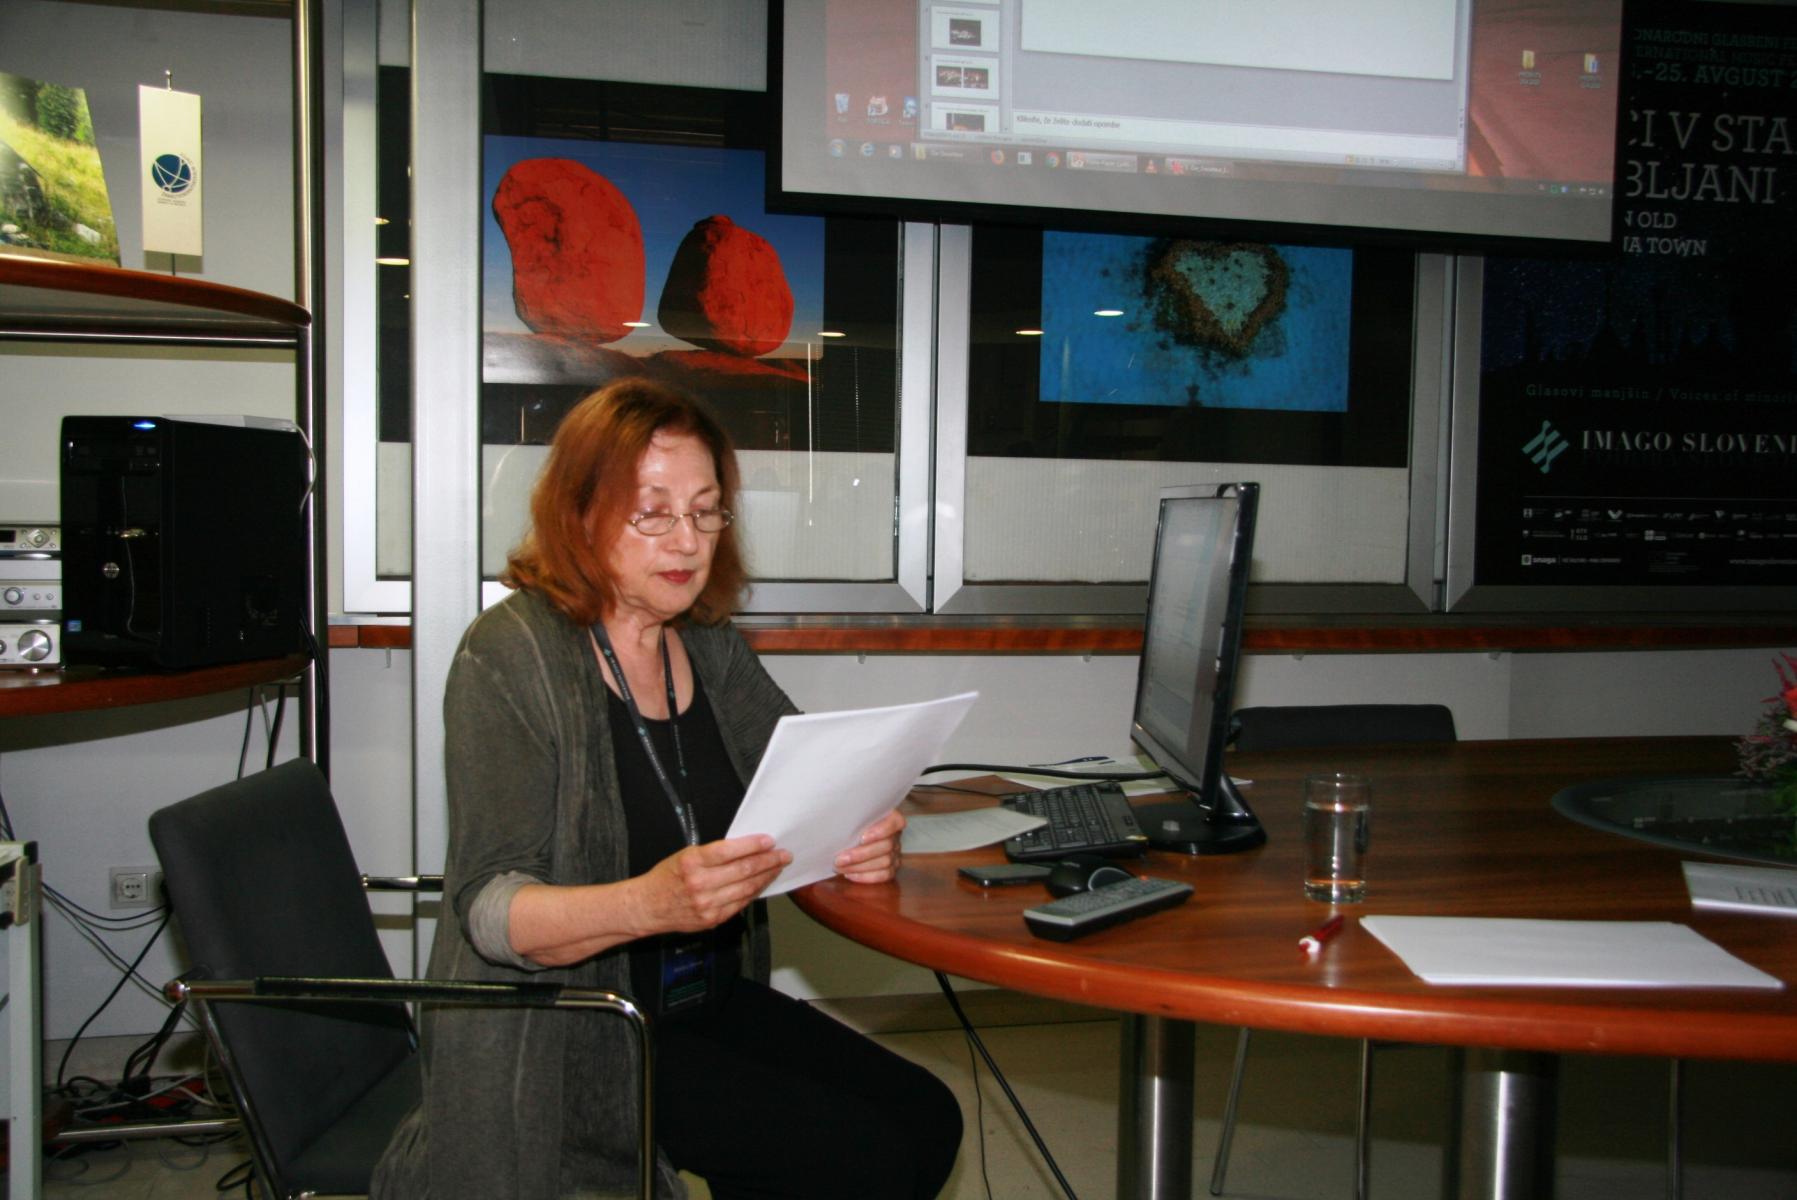 Dr. Dorit M. Klebe, nacionalna predstavnica Nemčije pri Mednarodnem združenju za tradicijsko glasbo (ICTM). Udeleženka sekcije Od starih do novih okolij. Foto: Urša Šivic.